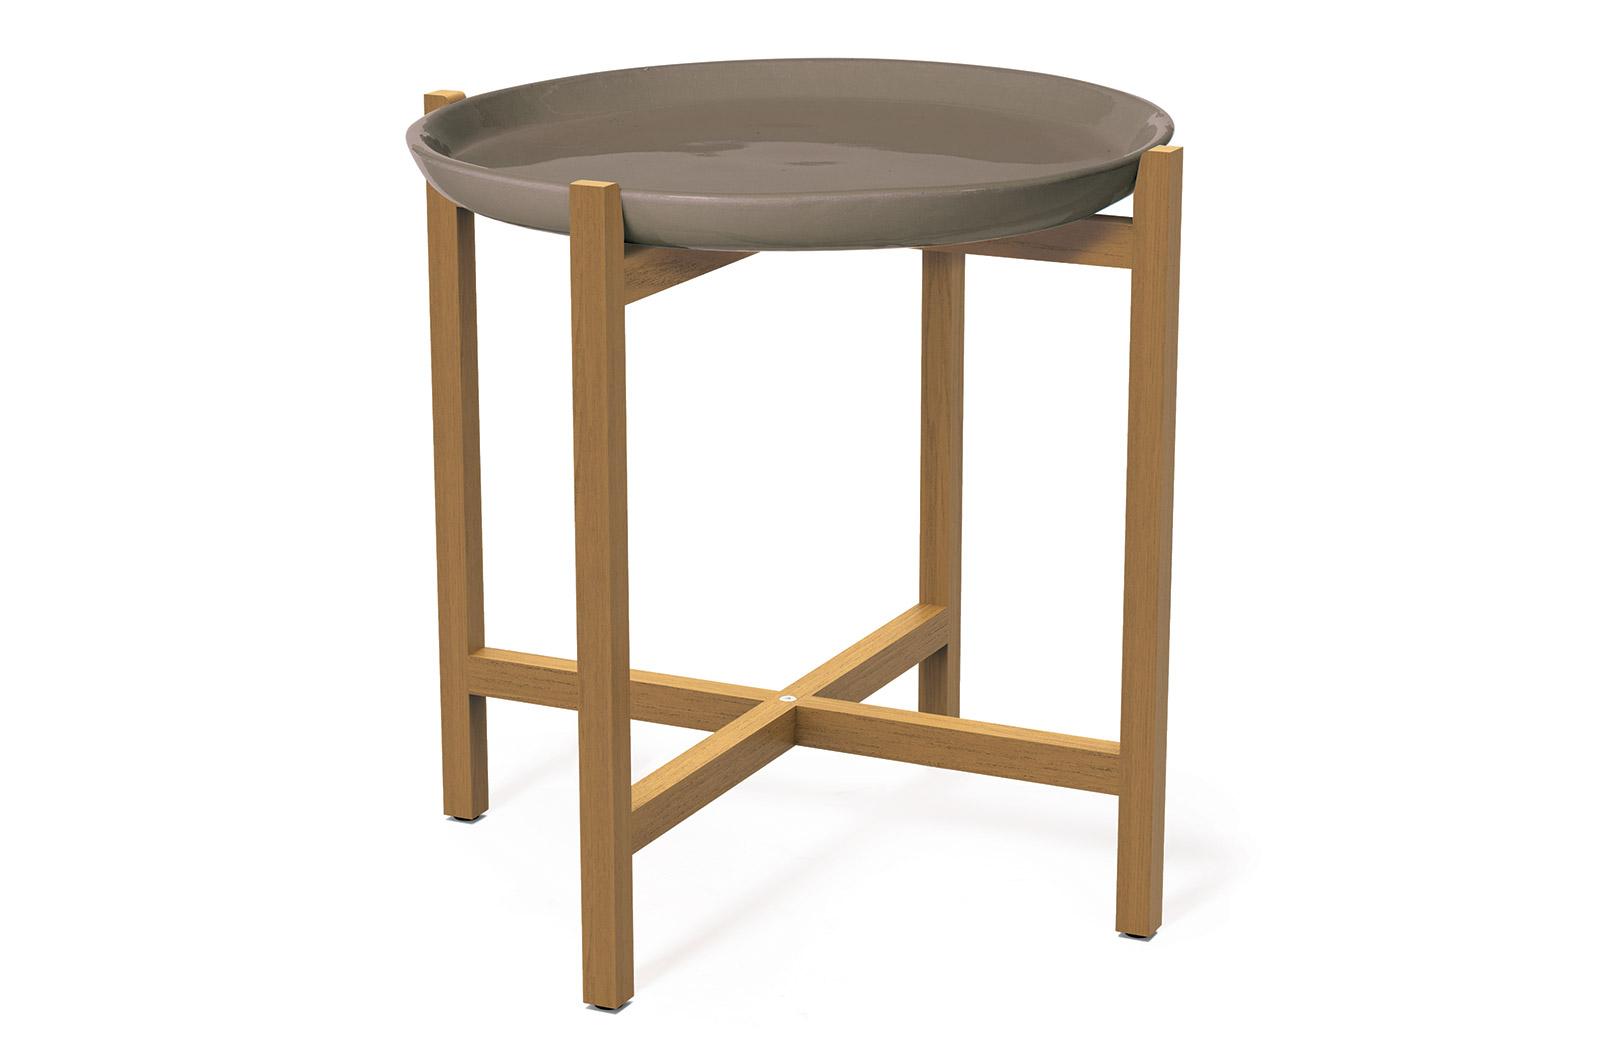 Ceramic Ibis Ceramic And Teak Accent Table